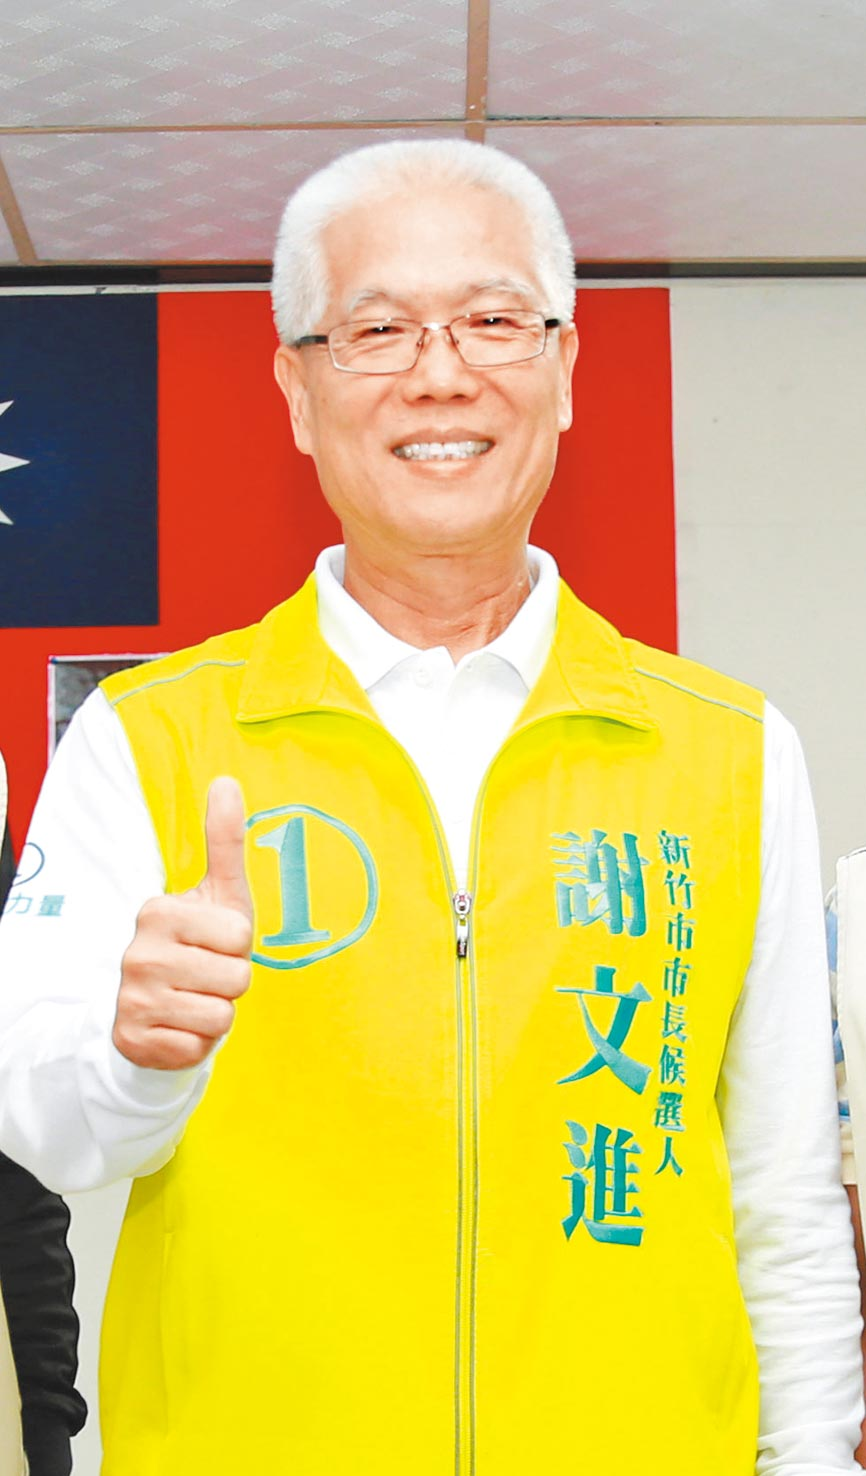 新竹市議會前議長謝文進,將是韓國瑜競選總統在新竹地區重要的聯絡窗口。(羅浚濱攝)